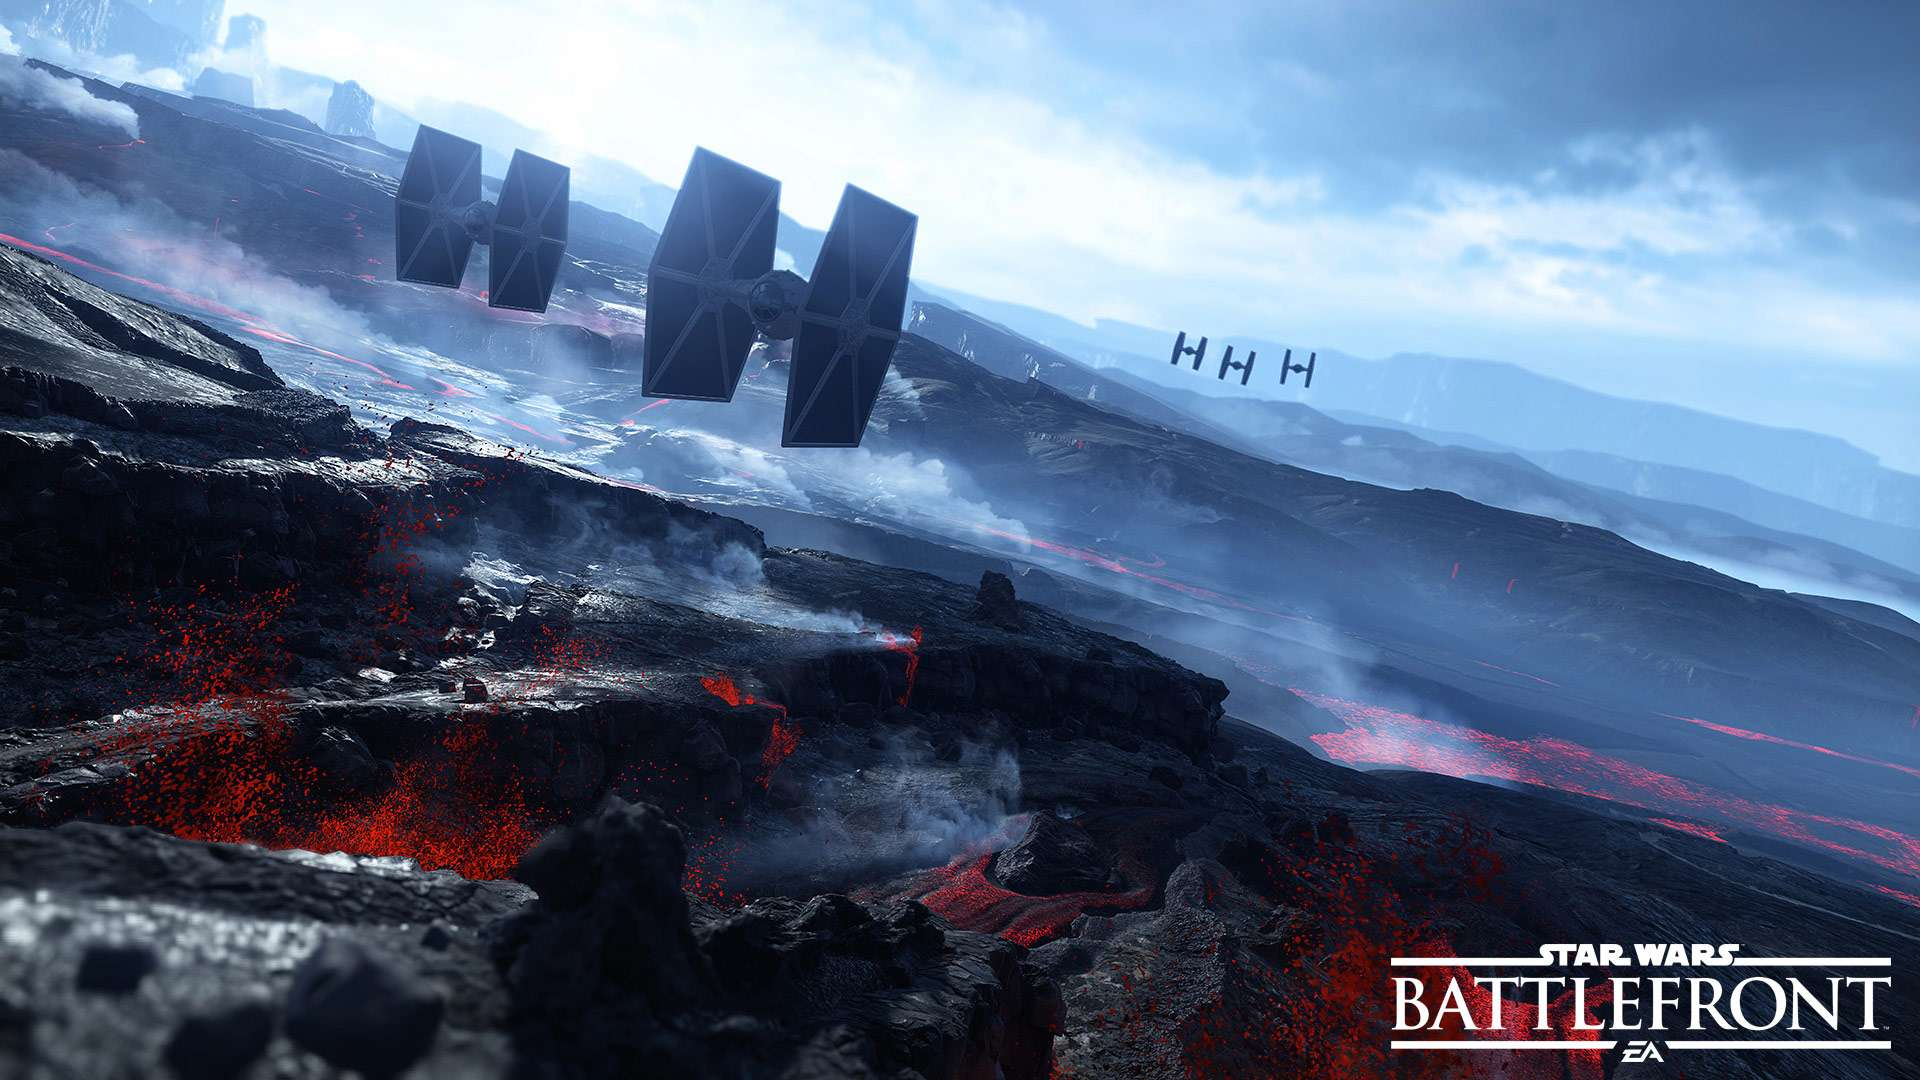 star wars battlefront : fond d'écrans